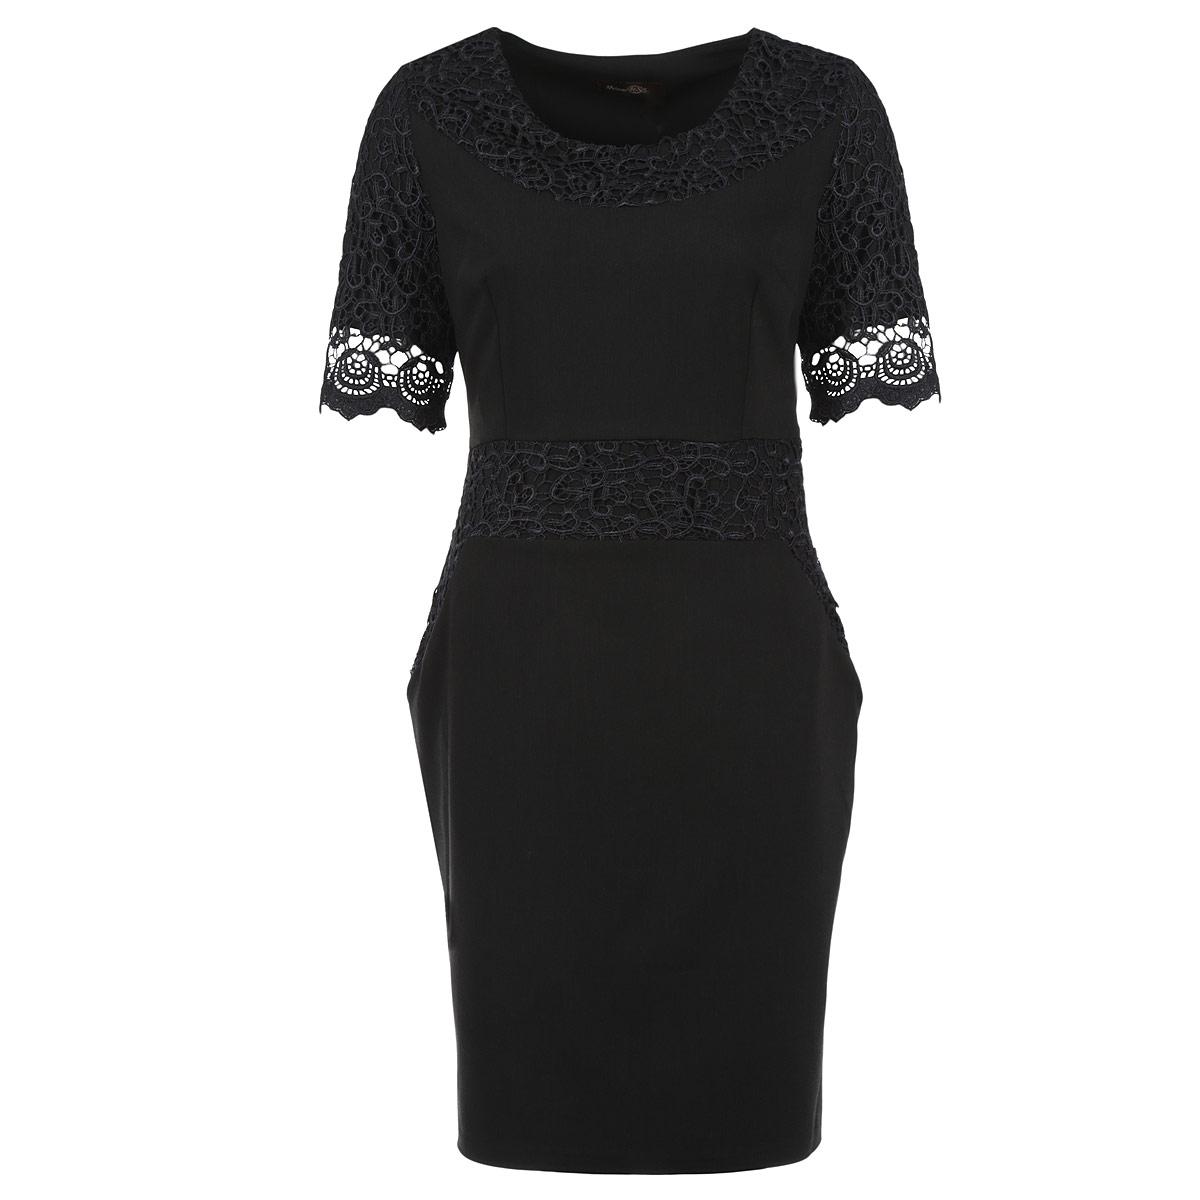 Платье. 41454145Элегантное платье Milana Style изготовлено из высококачественного плотного материала. Такое платье обеспечит вам комфорт и удобство при носке. Платье с короткими рукавами и круглым вырезом горловины понравится любой ценительнице классического стиля. Платье приталенного силуэта средней длины. Застегивается изделие на потайную молнию в боковом шве. По линии выреза, на рукавах и на талии модель оформлена ажурным кружевом. Сзади на юбке предусмотрен разрез. Приталенный силуэт великолепно подчеркнет достоинства фигуры. Изысканный наряд создаст обворожительный неповторимый образ. Это модное и удобное платье станет превосходным дополнением к вашему гардеробу, оно подарит вам удобство и поможет вам подчеркнуть свой вкус и неповторимый стиль.